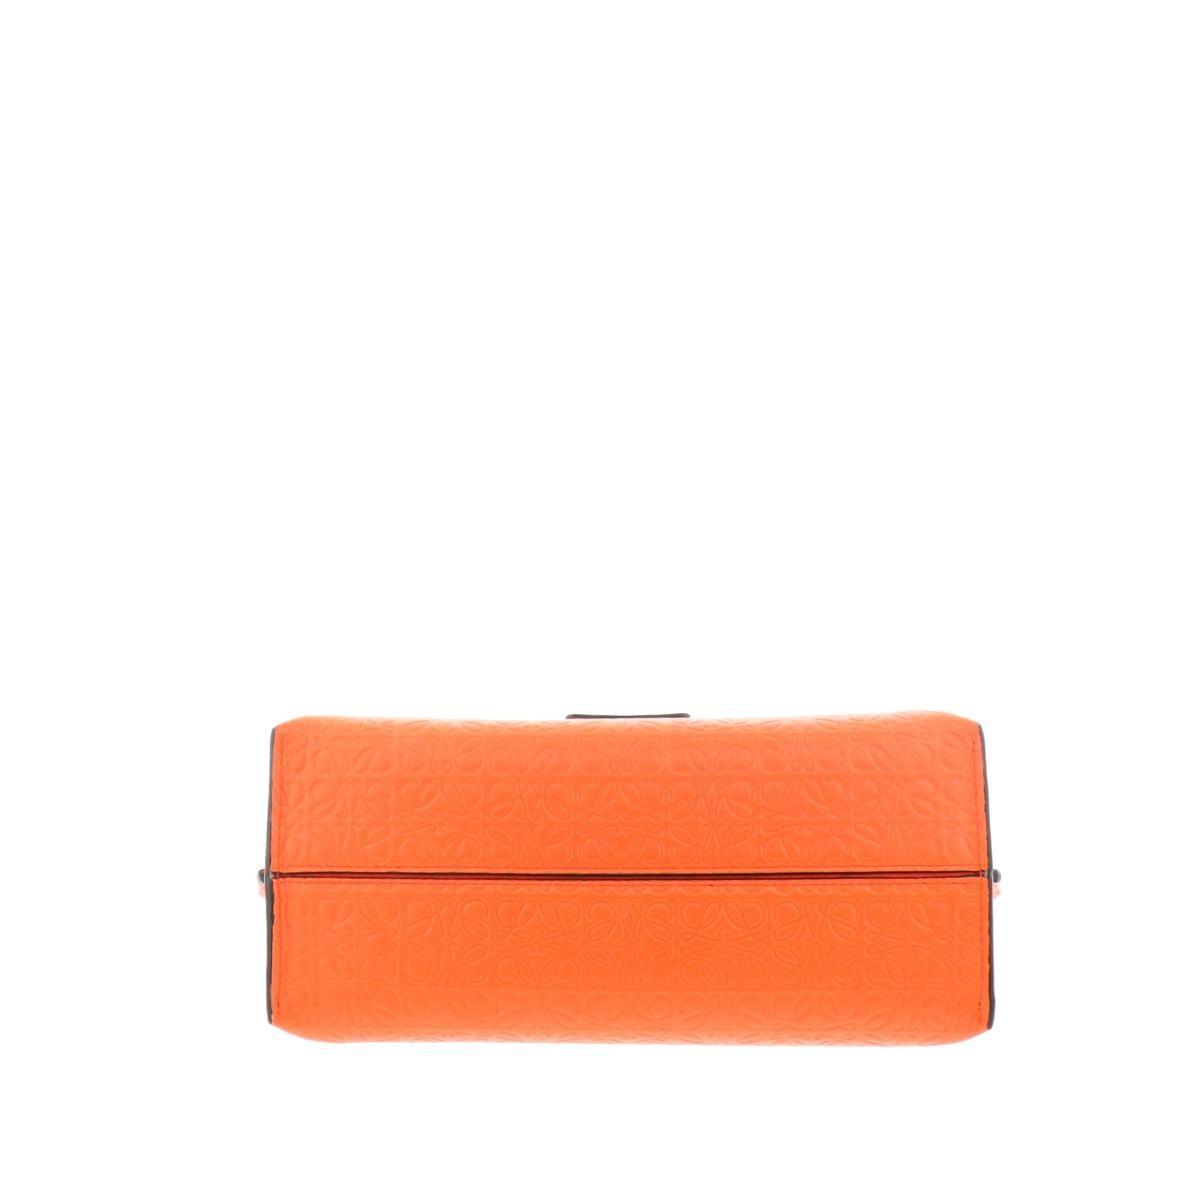 【中古】LOEWE (ロエベ) アベニュー チェーンショルダーバッグ バッグ ショルダー/メッセンジャーバッグ アベニュー Orange/オレンジ 310.89 used:B